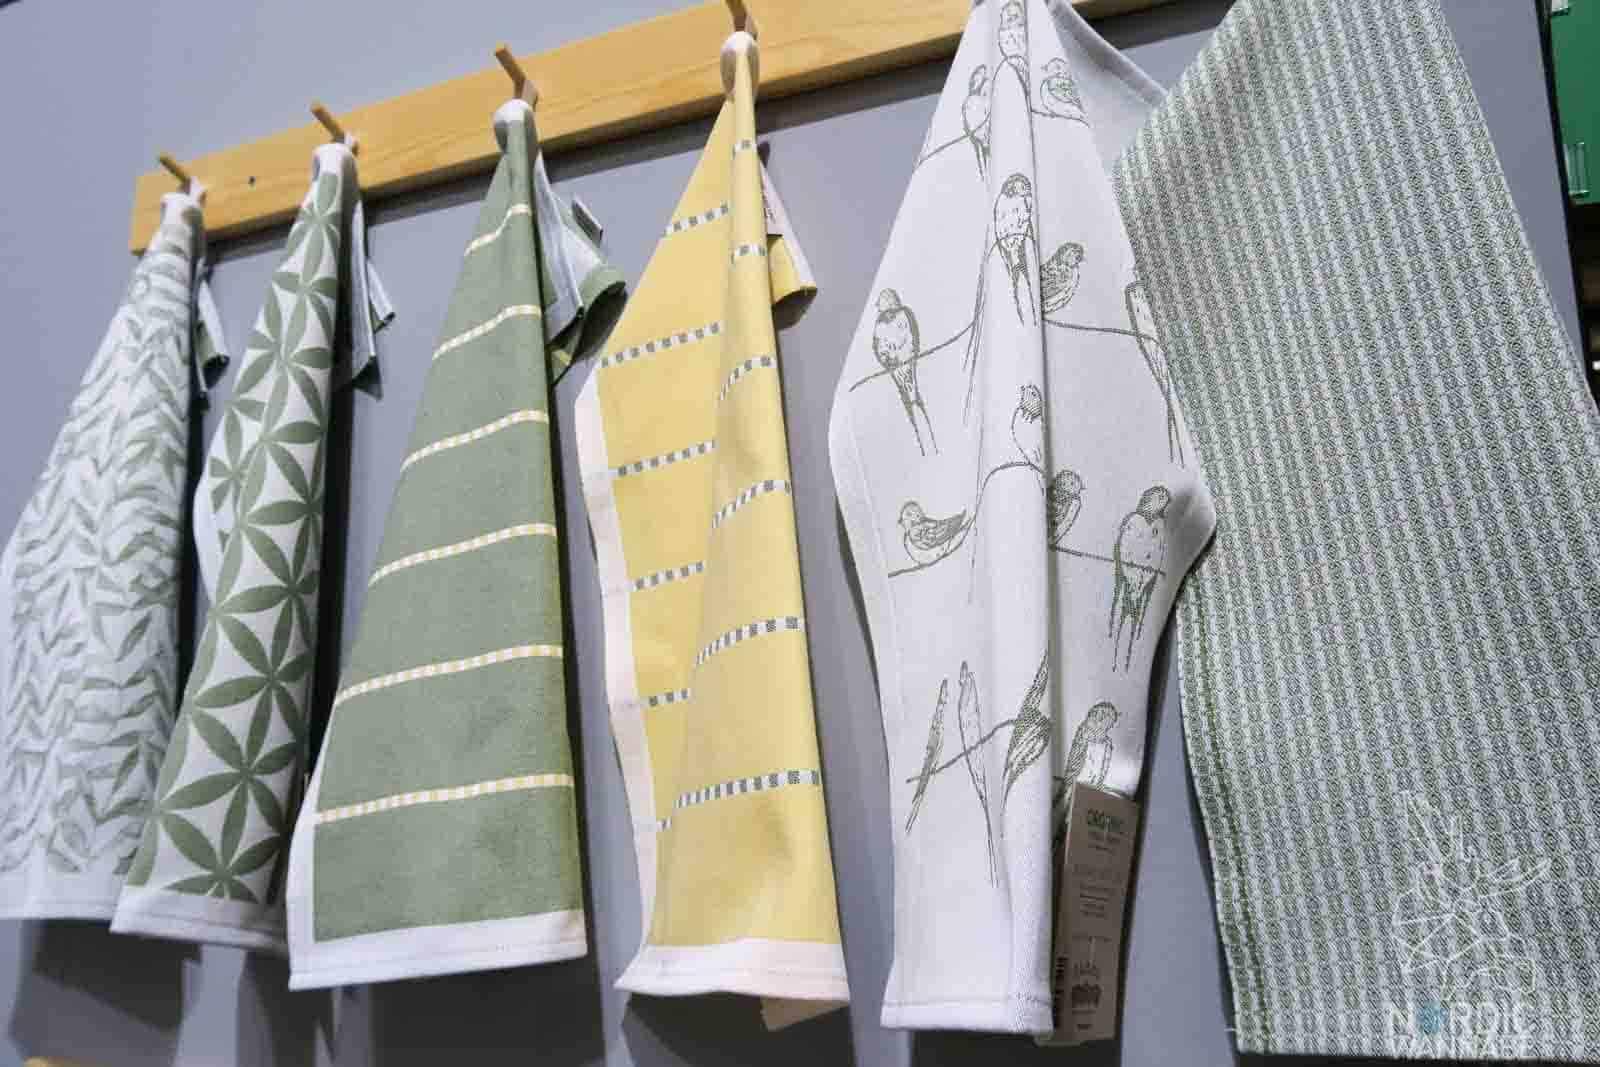 Skandinavisches Design, Schwedisches Design, Schweden Blog, Handtücher, Hygge, Ekelund, Ambiente, Frankfurt, Skandinavisch Wohnen, Trend Collection